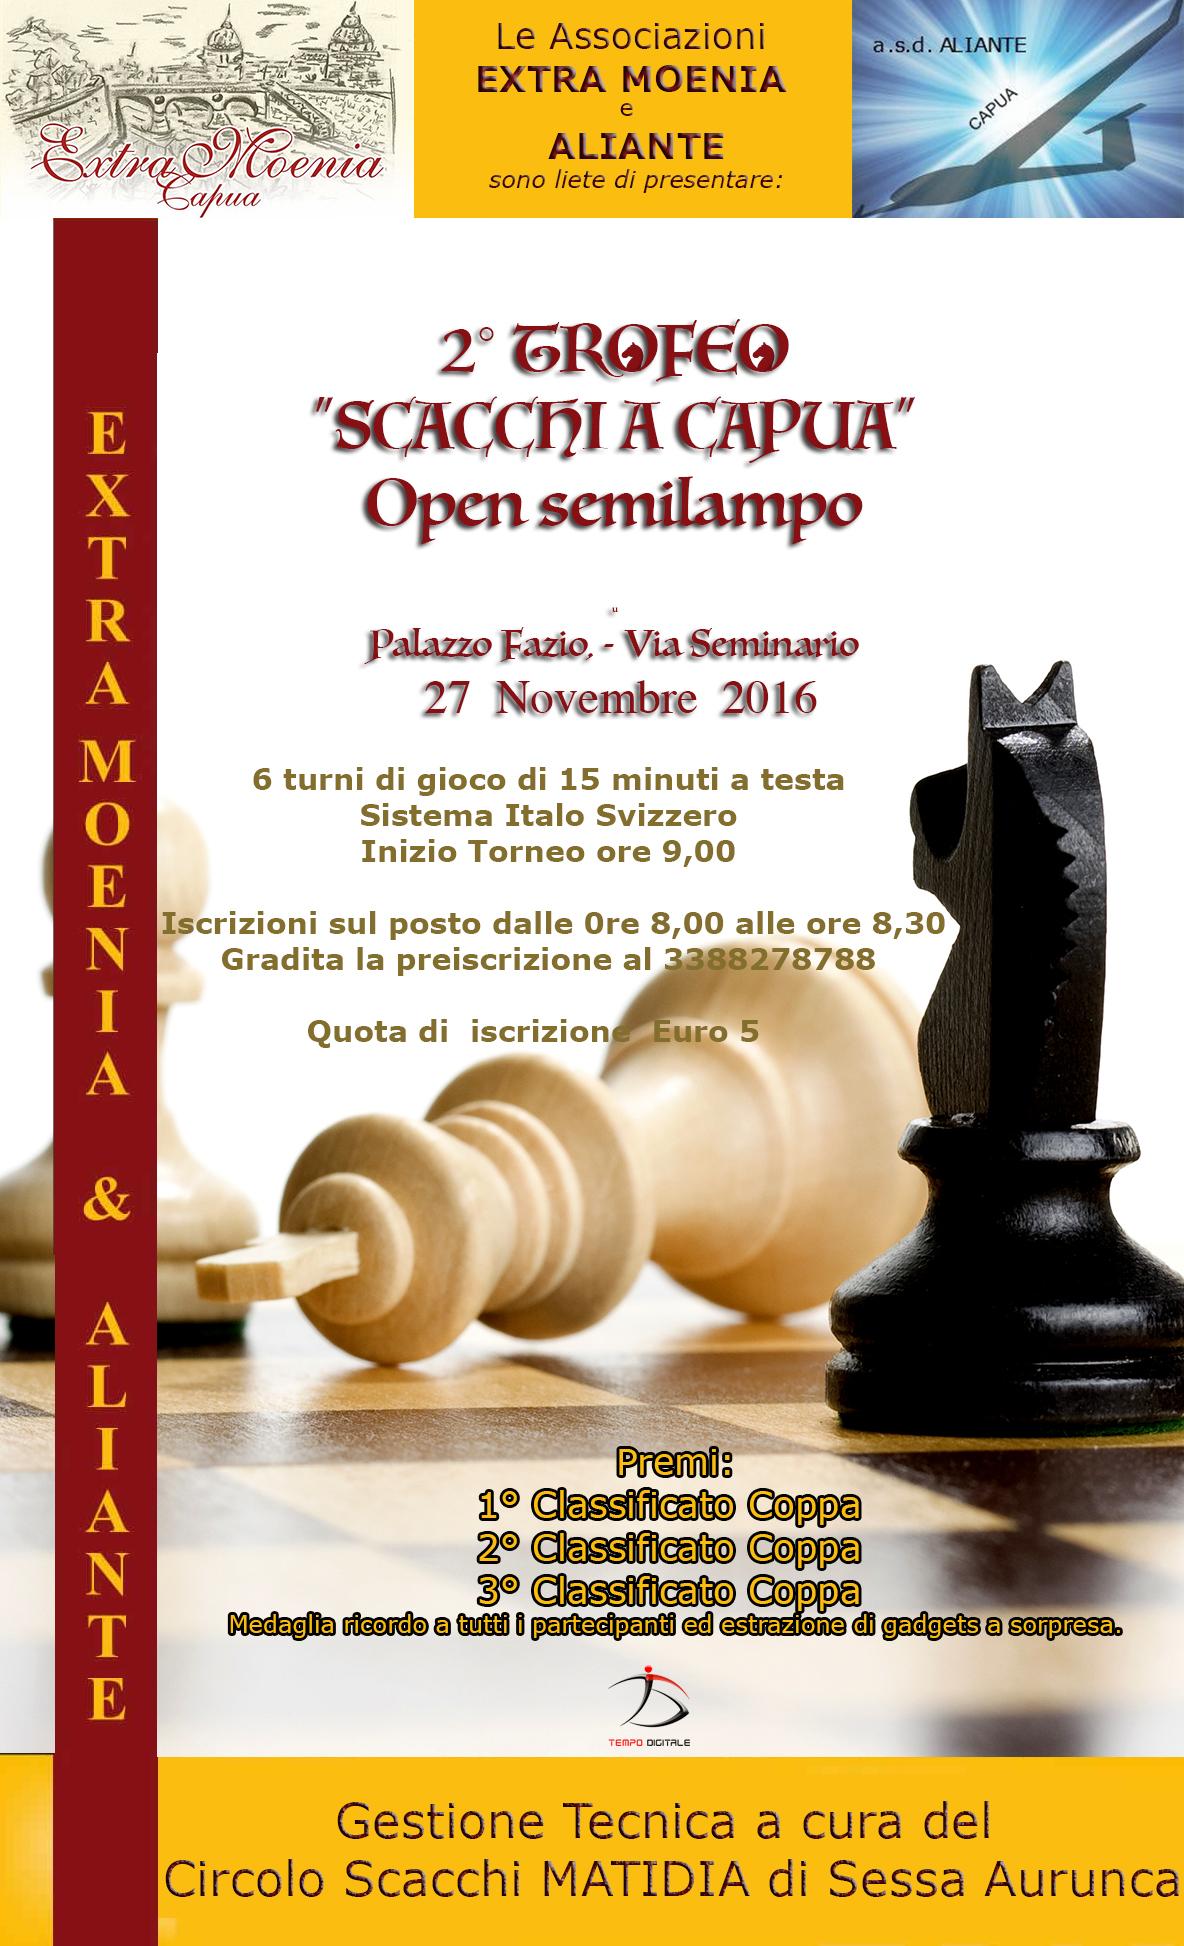 Capua scacchi